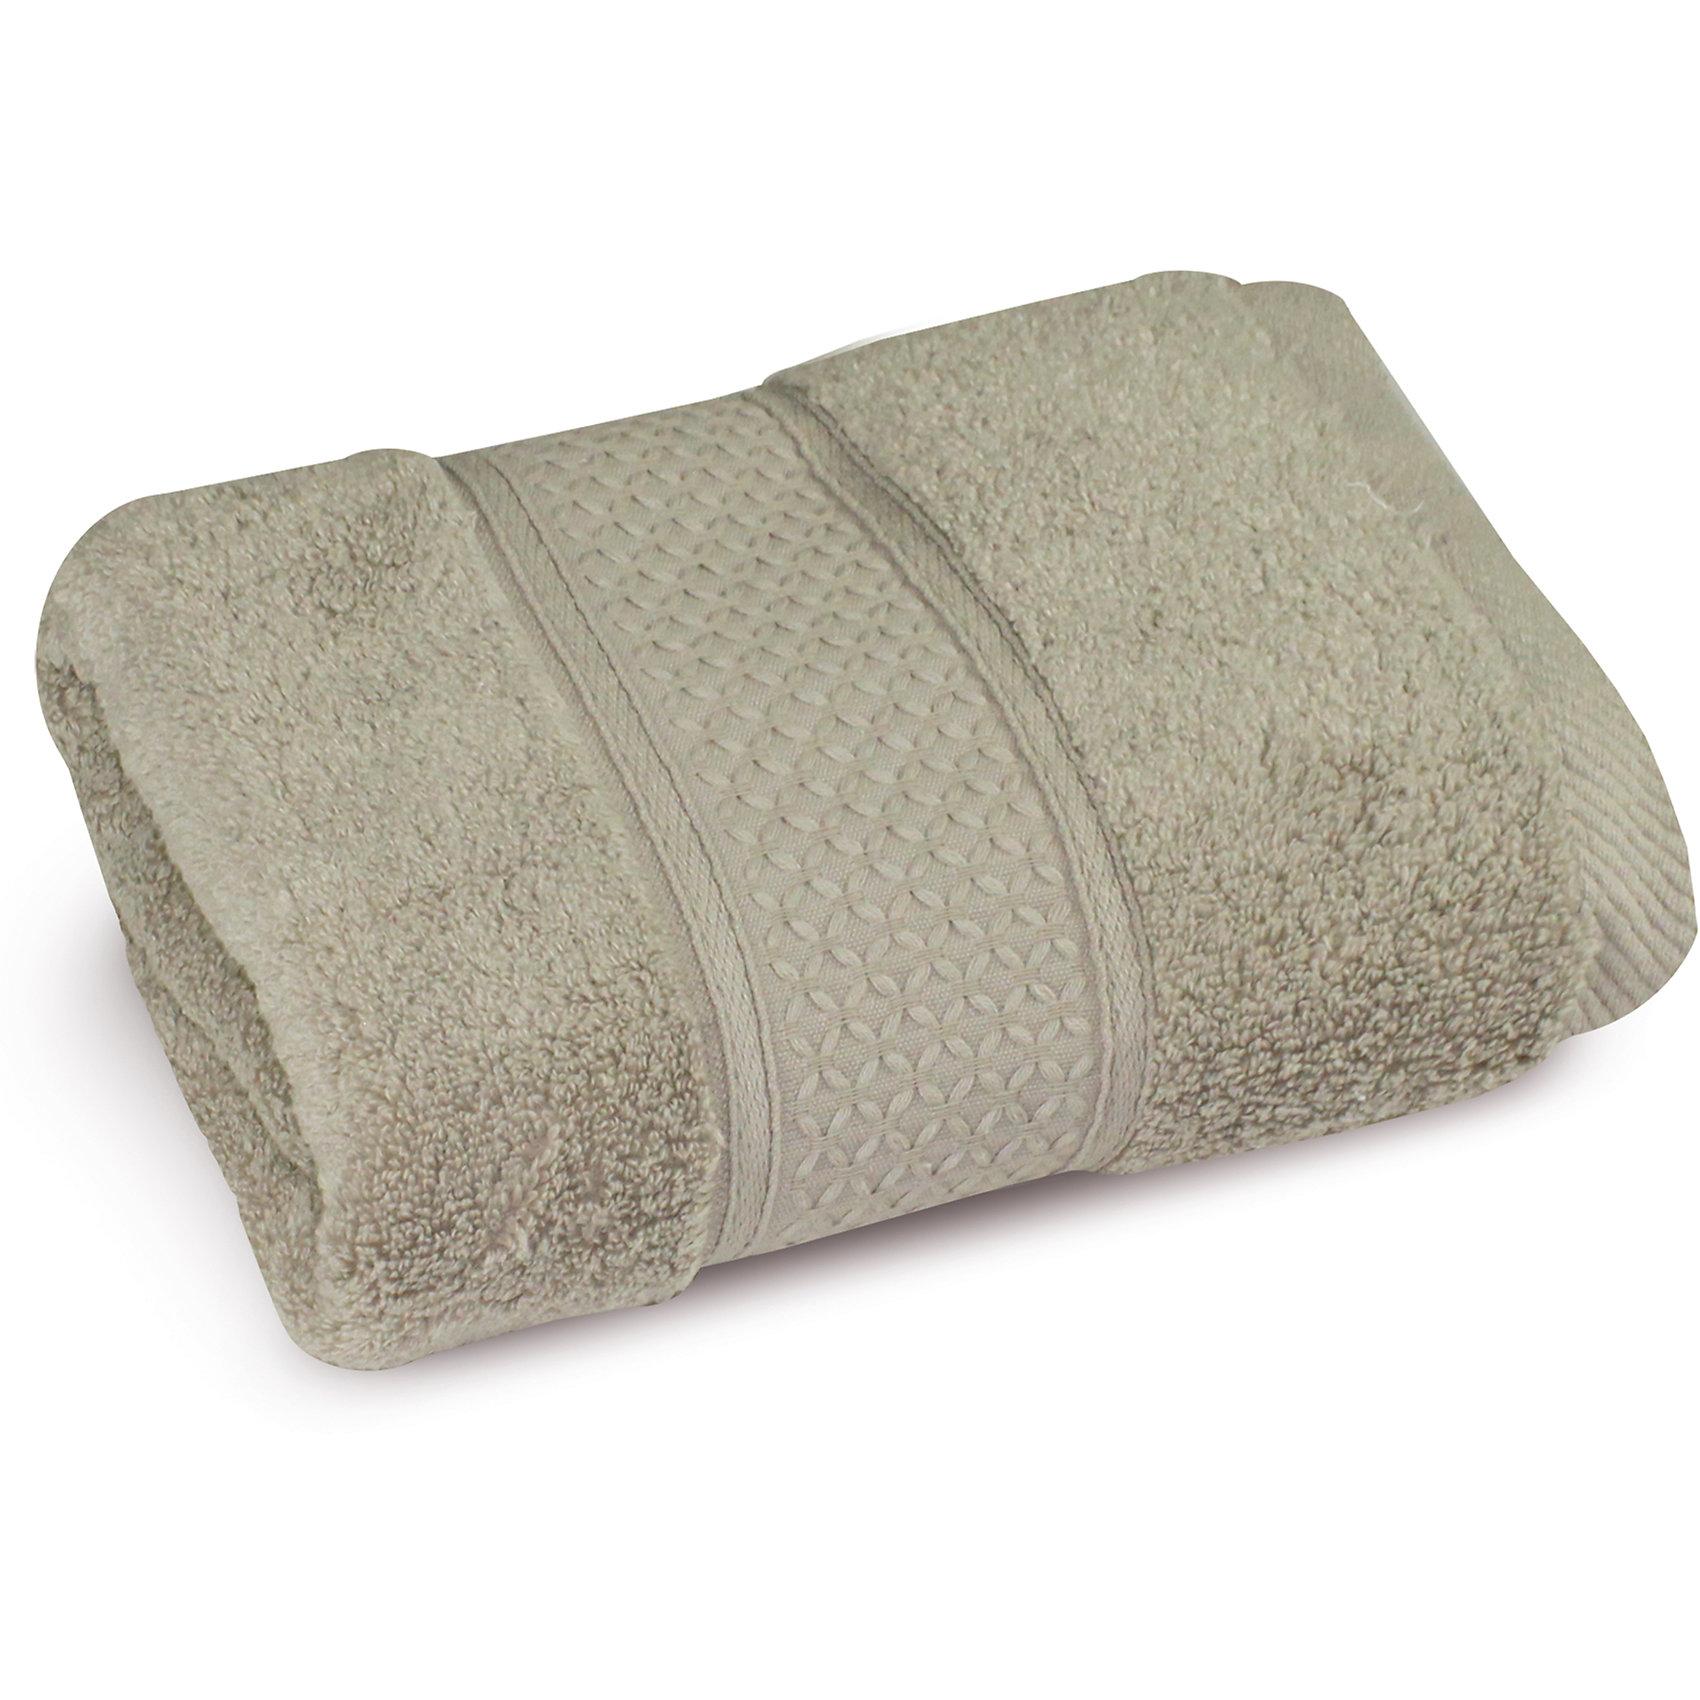 Полотенце махровое 50х90, Cozy Home, серыйВанная комната<br>Полотенце махровое 50х90, Cozy Home (Кози Хоум), серый<br><br>Характеристики:<br><br>• мягкое полотенце, приятное на ощупь<br>• хорошо впитывает влагу<br>• легко стирать<br>• материал: хлопок<br>• размер: 50х90 см<br>• цвет: серый<br><br>Полотенце из хлопка нежно позаботится о вашей коже и подарит мягкость после водных процедур. Хлопок известен своей прочностью и гипоаллергенностью. Кроме того, он не впитывает неприятные запахи, неприхотлив в уходе и не поддается деформации и выцветанию. Приятный дизайн с вышитым бордюром станет прекрасным дополнением для вашей ванной комнаты.<br><br>Полотенце махровое 50х90, Cozy Home (Кози Хоум), серый можно купить в нашем интернет-магазине.<br><br>Ширина мм: 150<br>Глубина мм: 250<br>Высота мм: 150<br>Вес г: 250<br>Возраст от месяцев: 0<br>Возраст до месяцев: 216<br>Пол: Унисекс<br>Возраст: Детский<br>SKU: 5355303